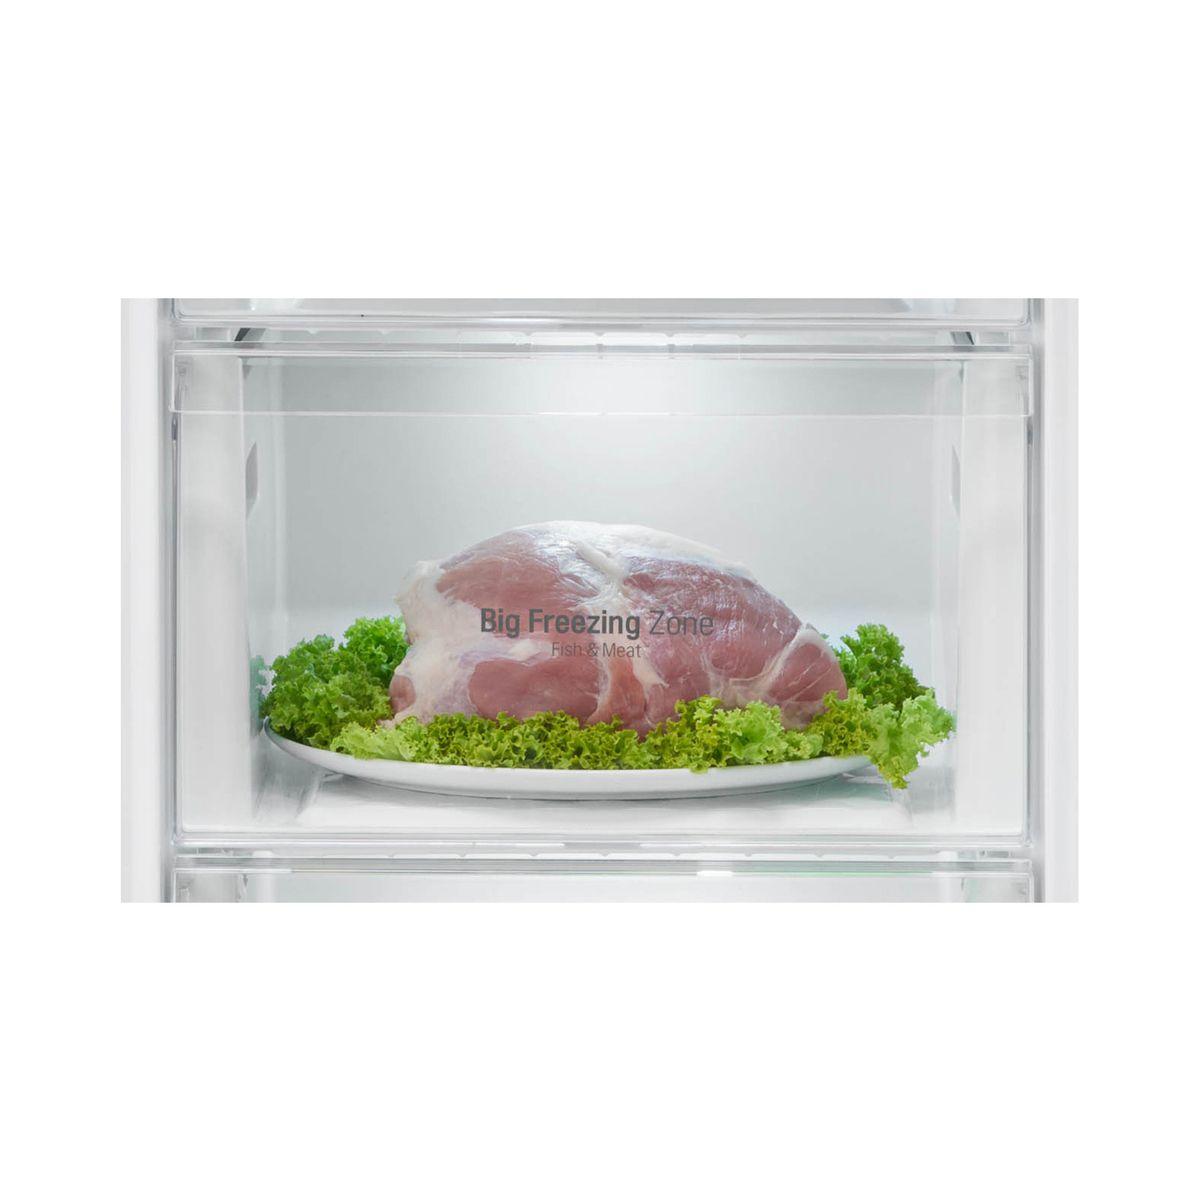 LG Réfrigérateur combiné GB6106SPS, 300 L, Froid No Frost